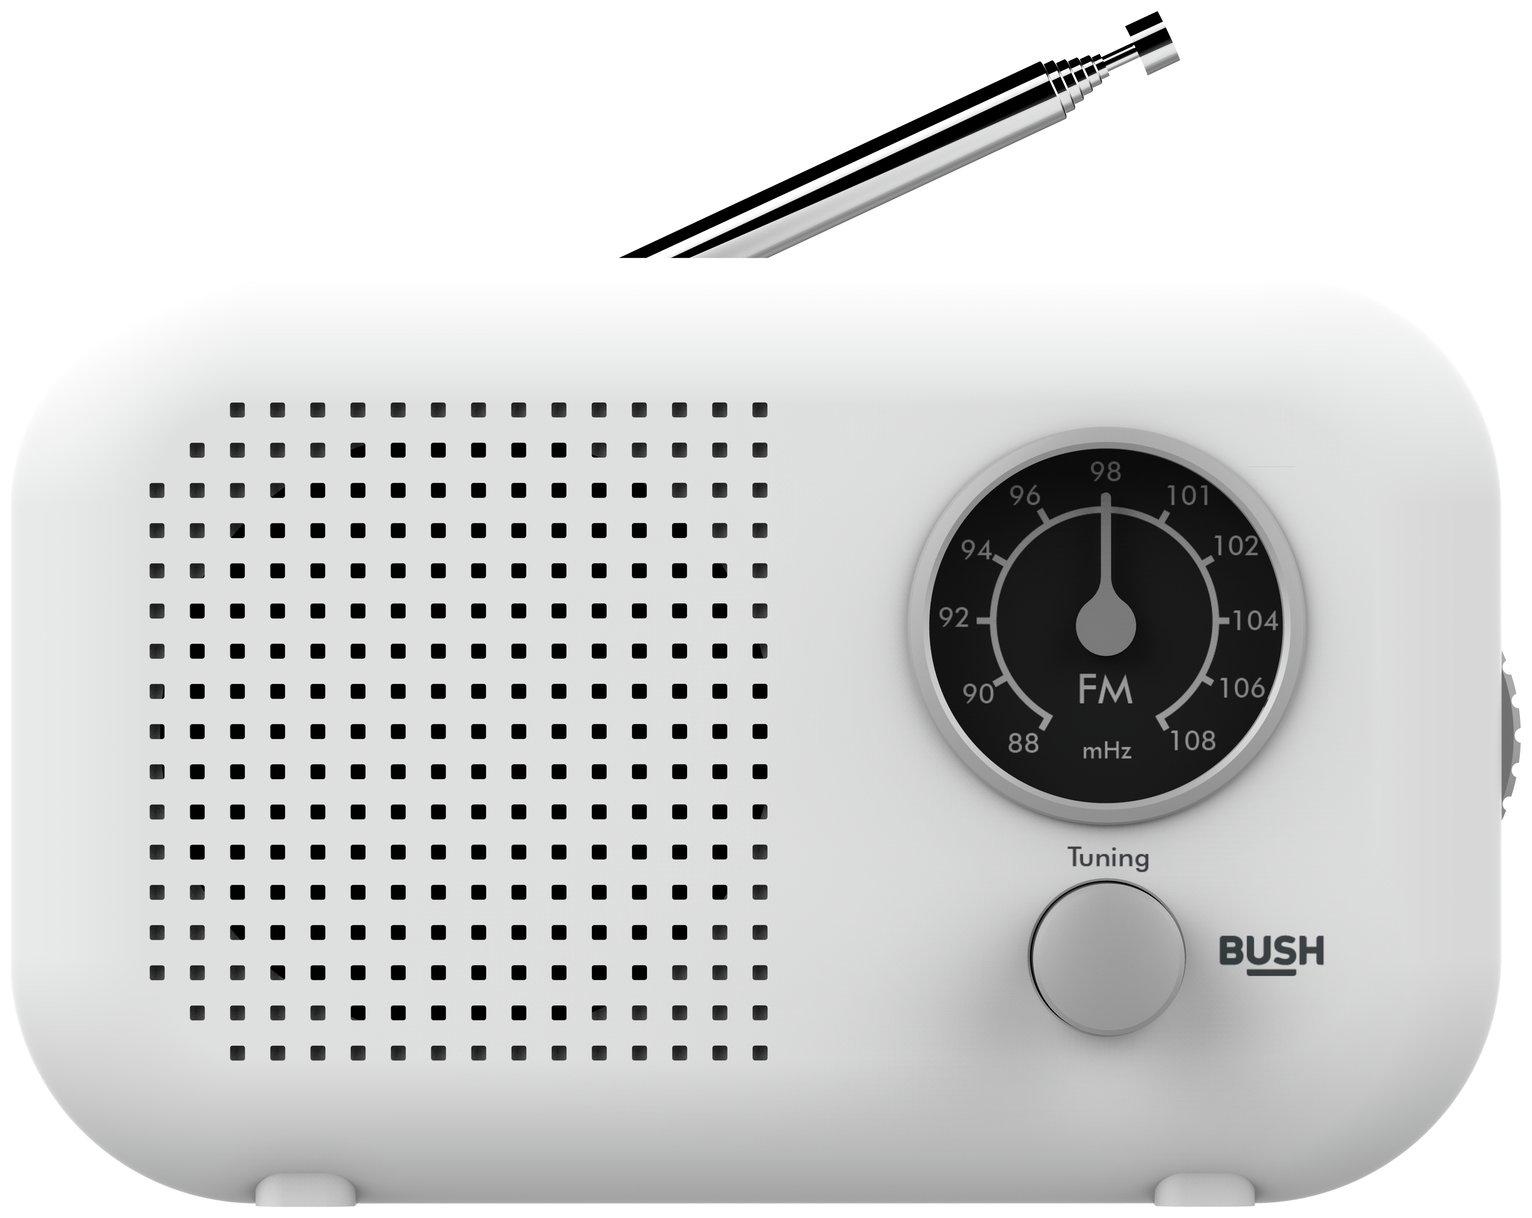 Bush Portable FM Radio - White